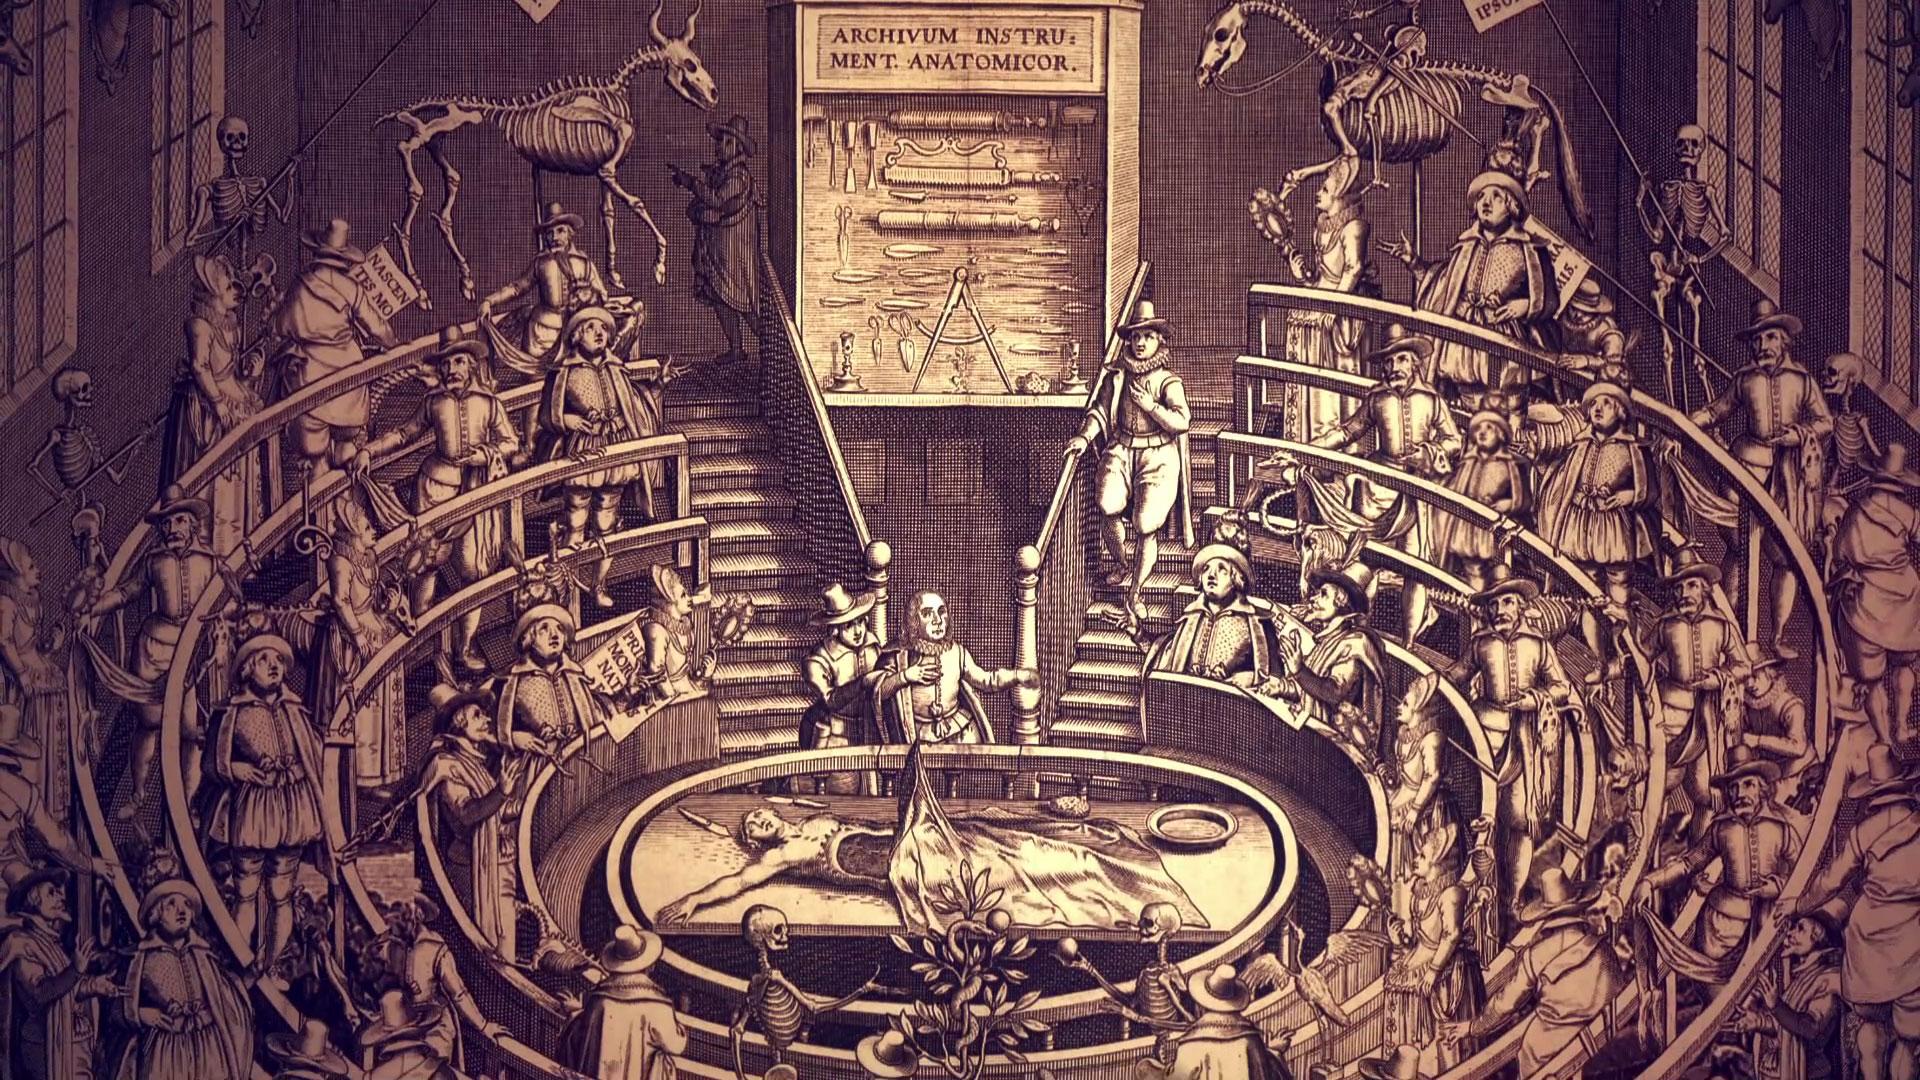 18TH CENTURY MEDICINE